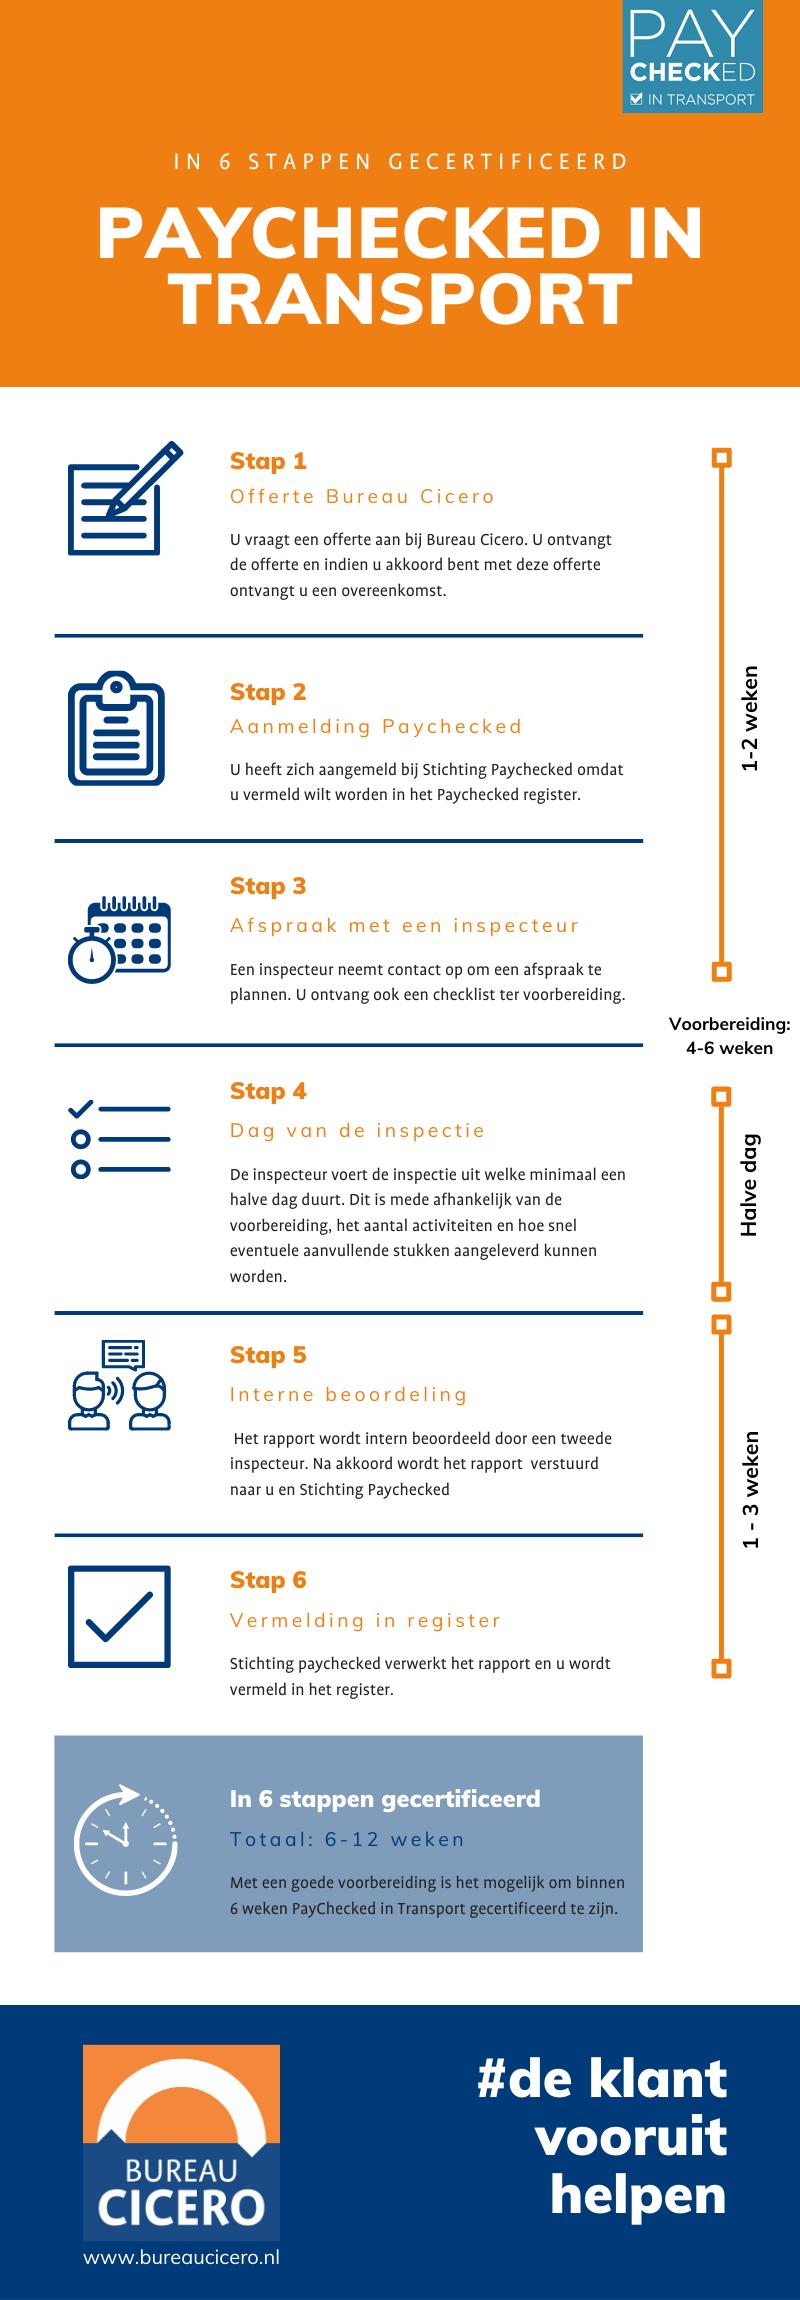 In 6 stappen gecertificeerd voor paychecked in transport